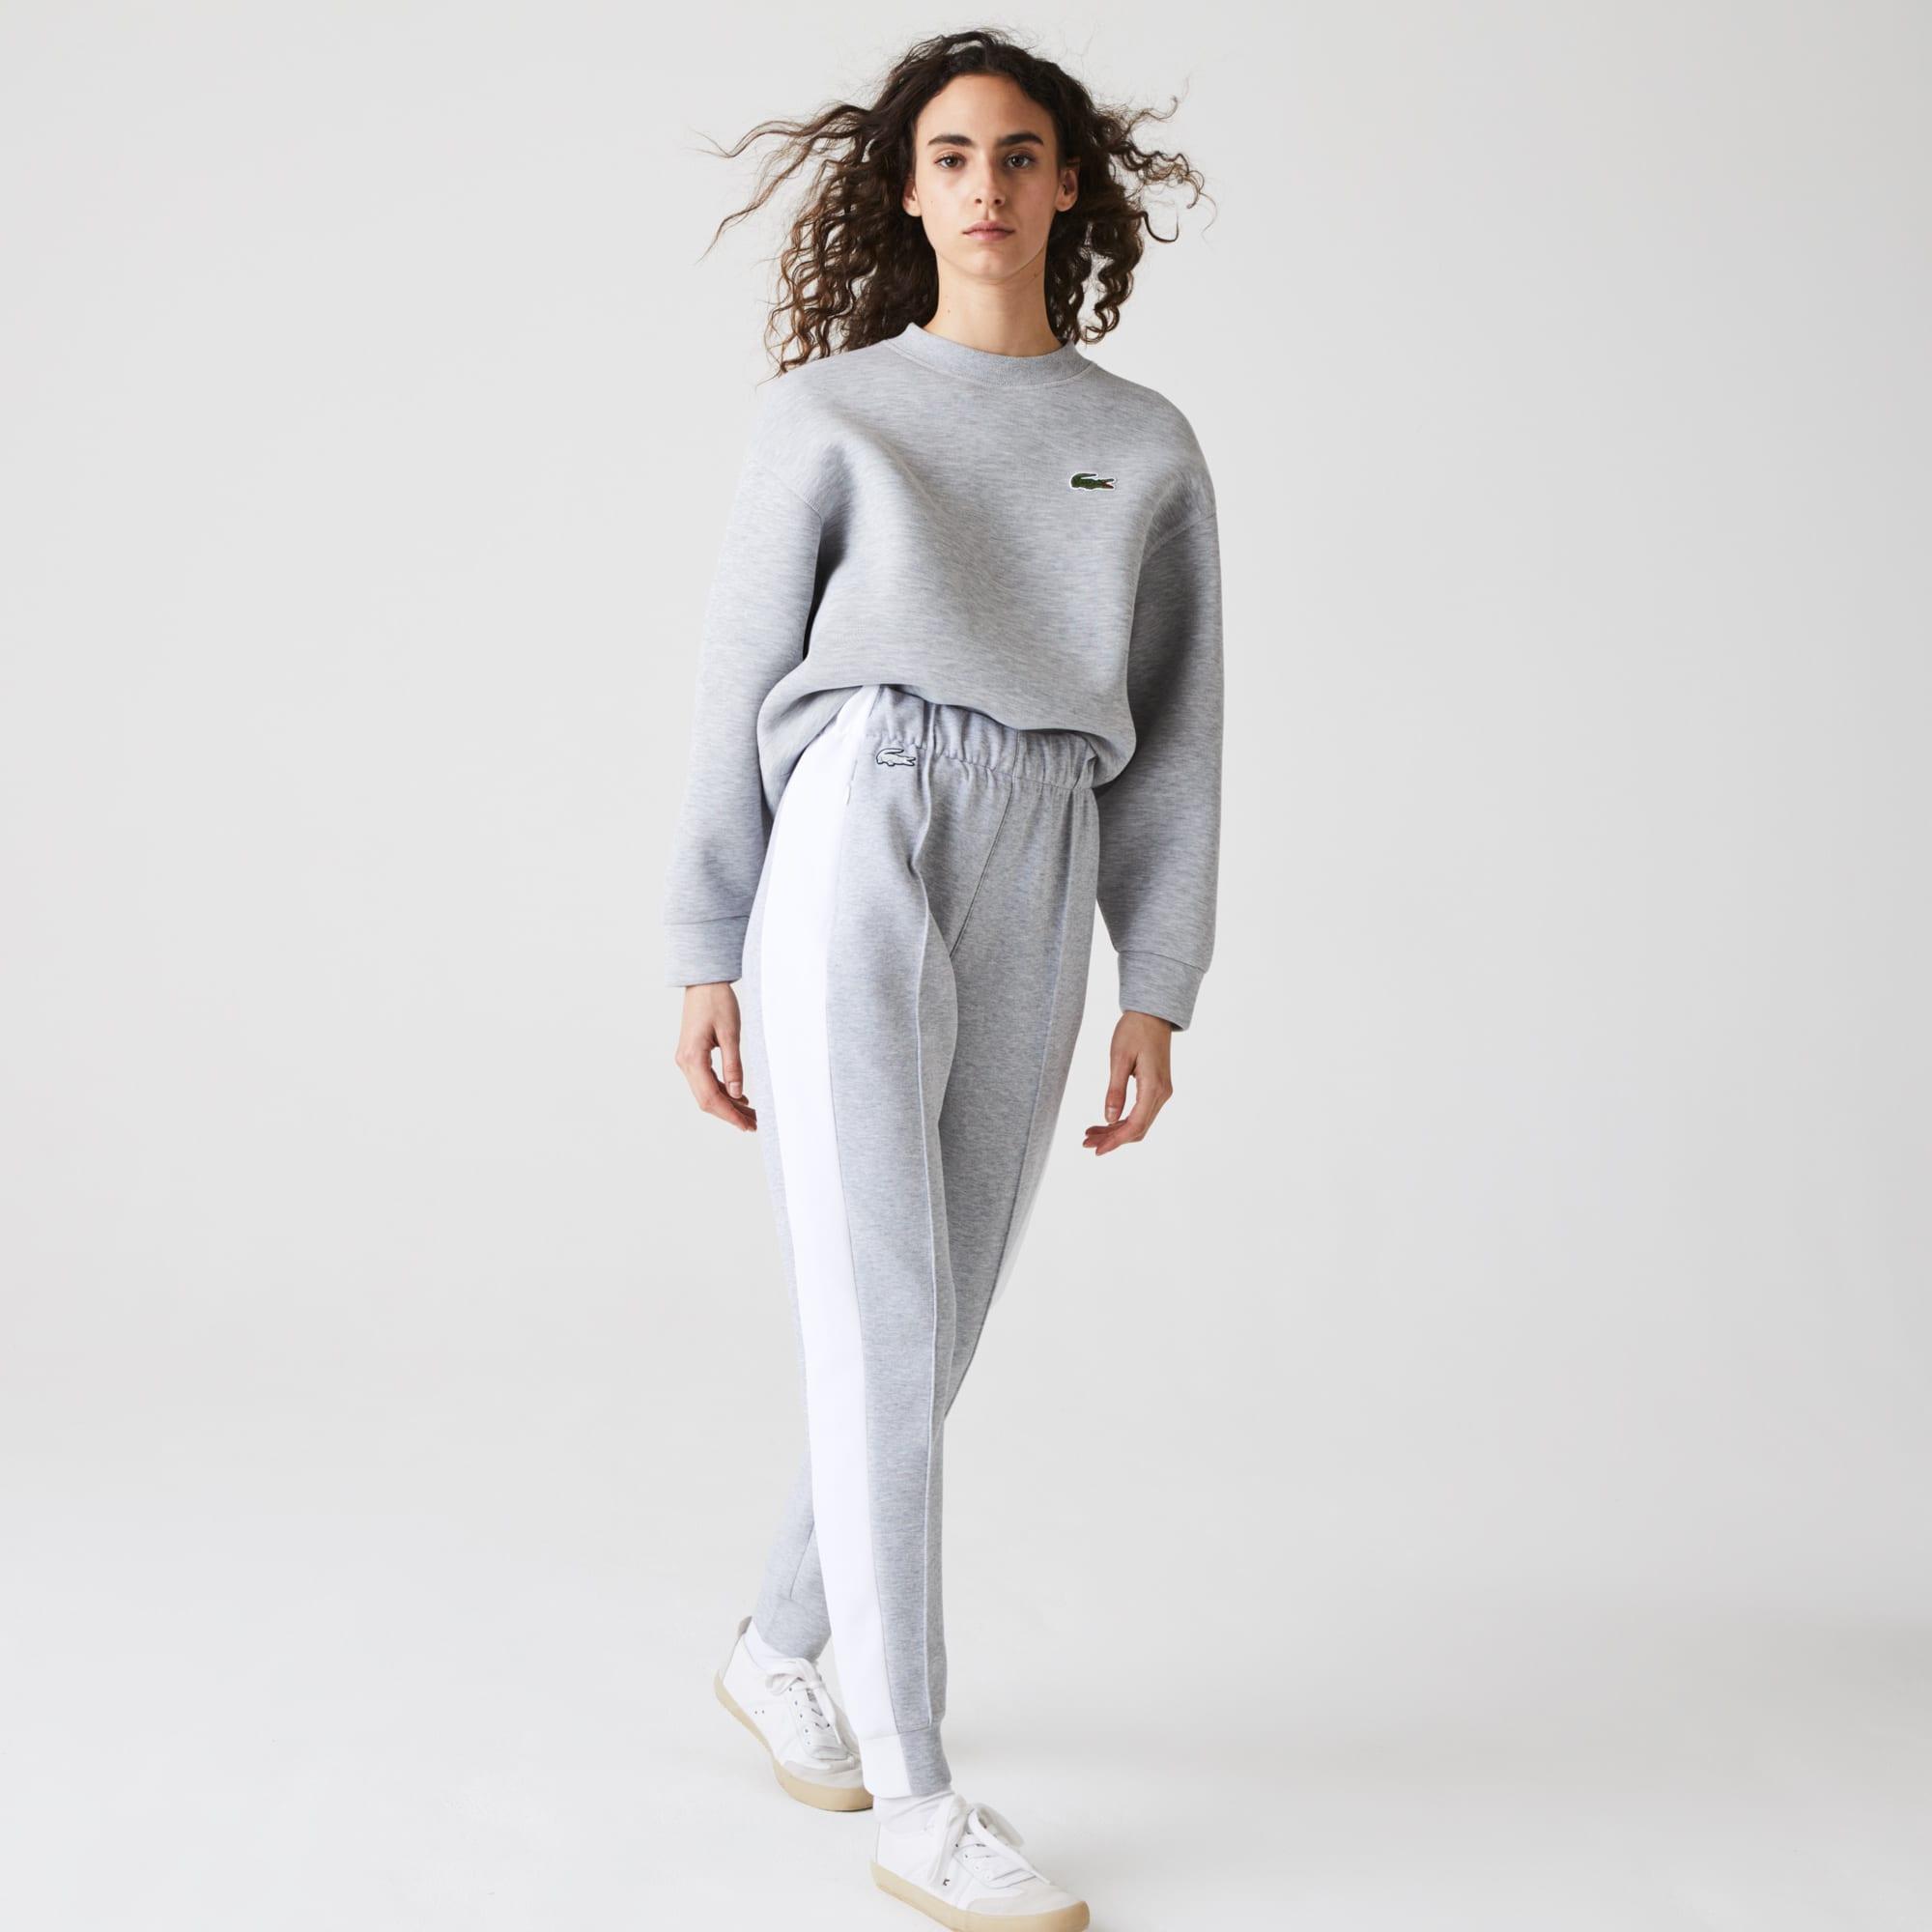 Lacoste Womens SPORT Contrast Band Pique Jogging Pants